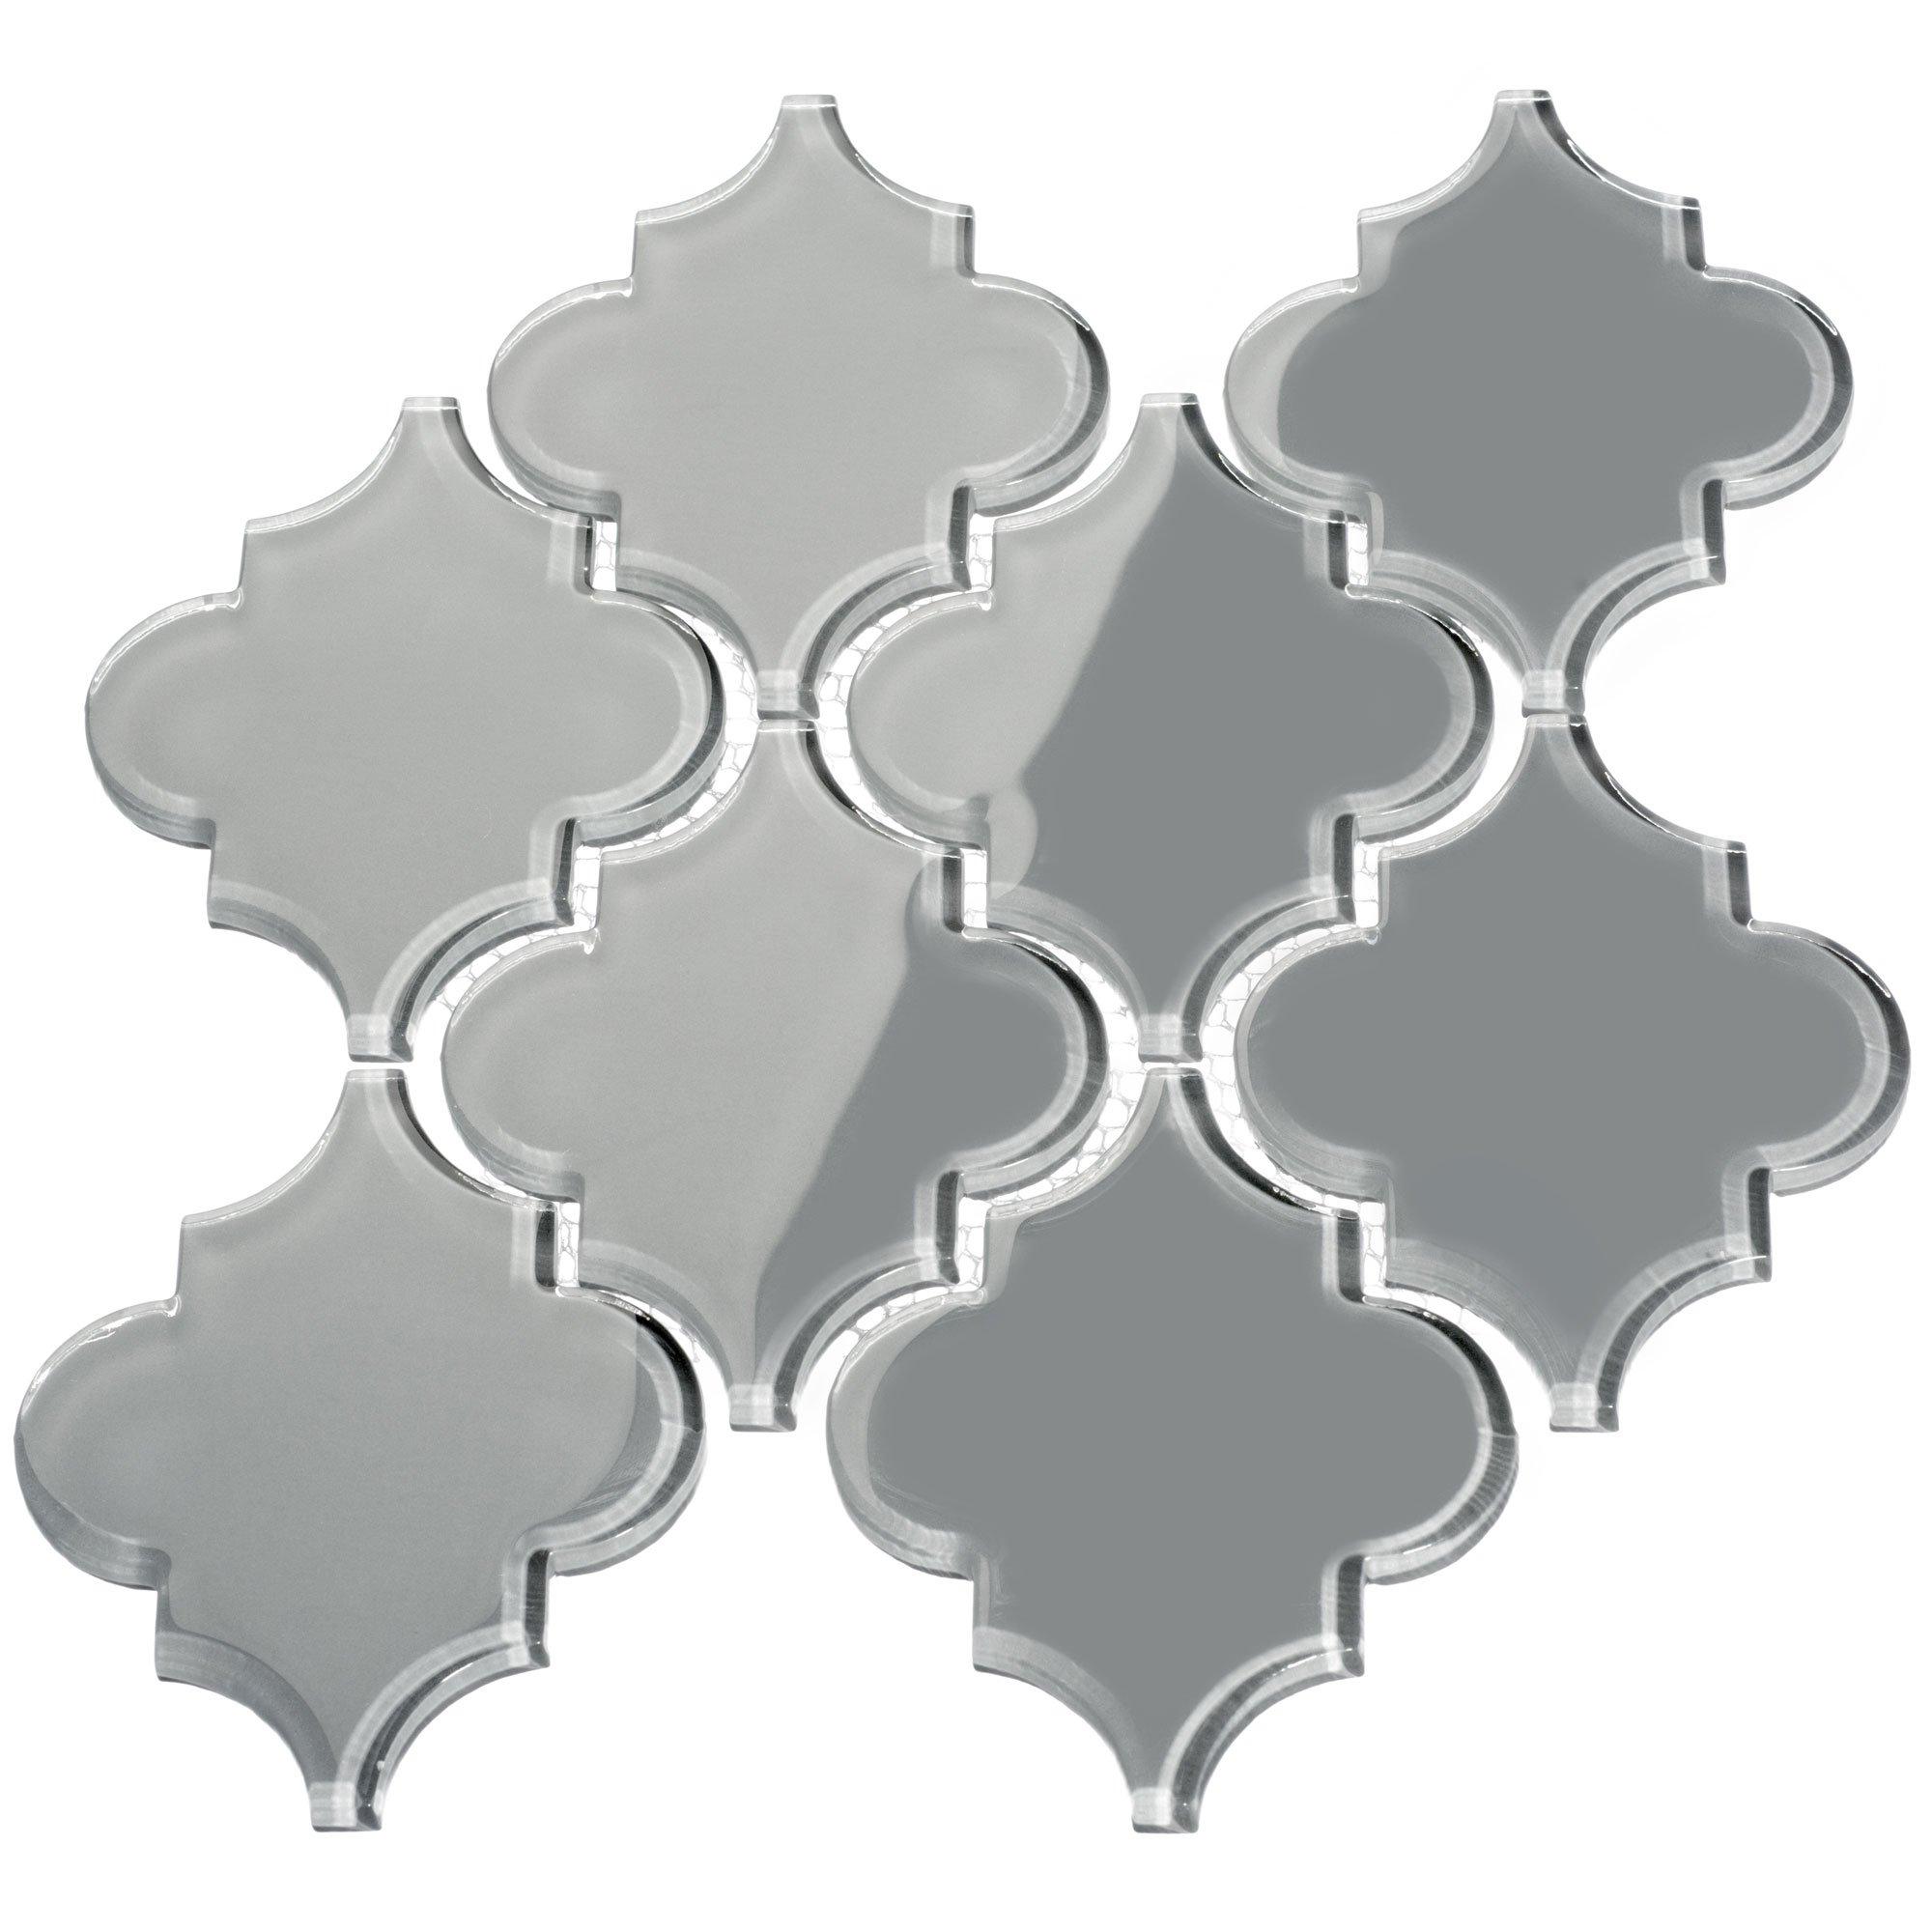 Giorbello Glass Arabesque Tile in True Gray - 2 Sheets by Giorbello